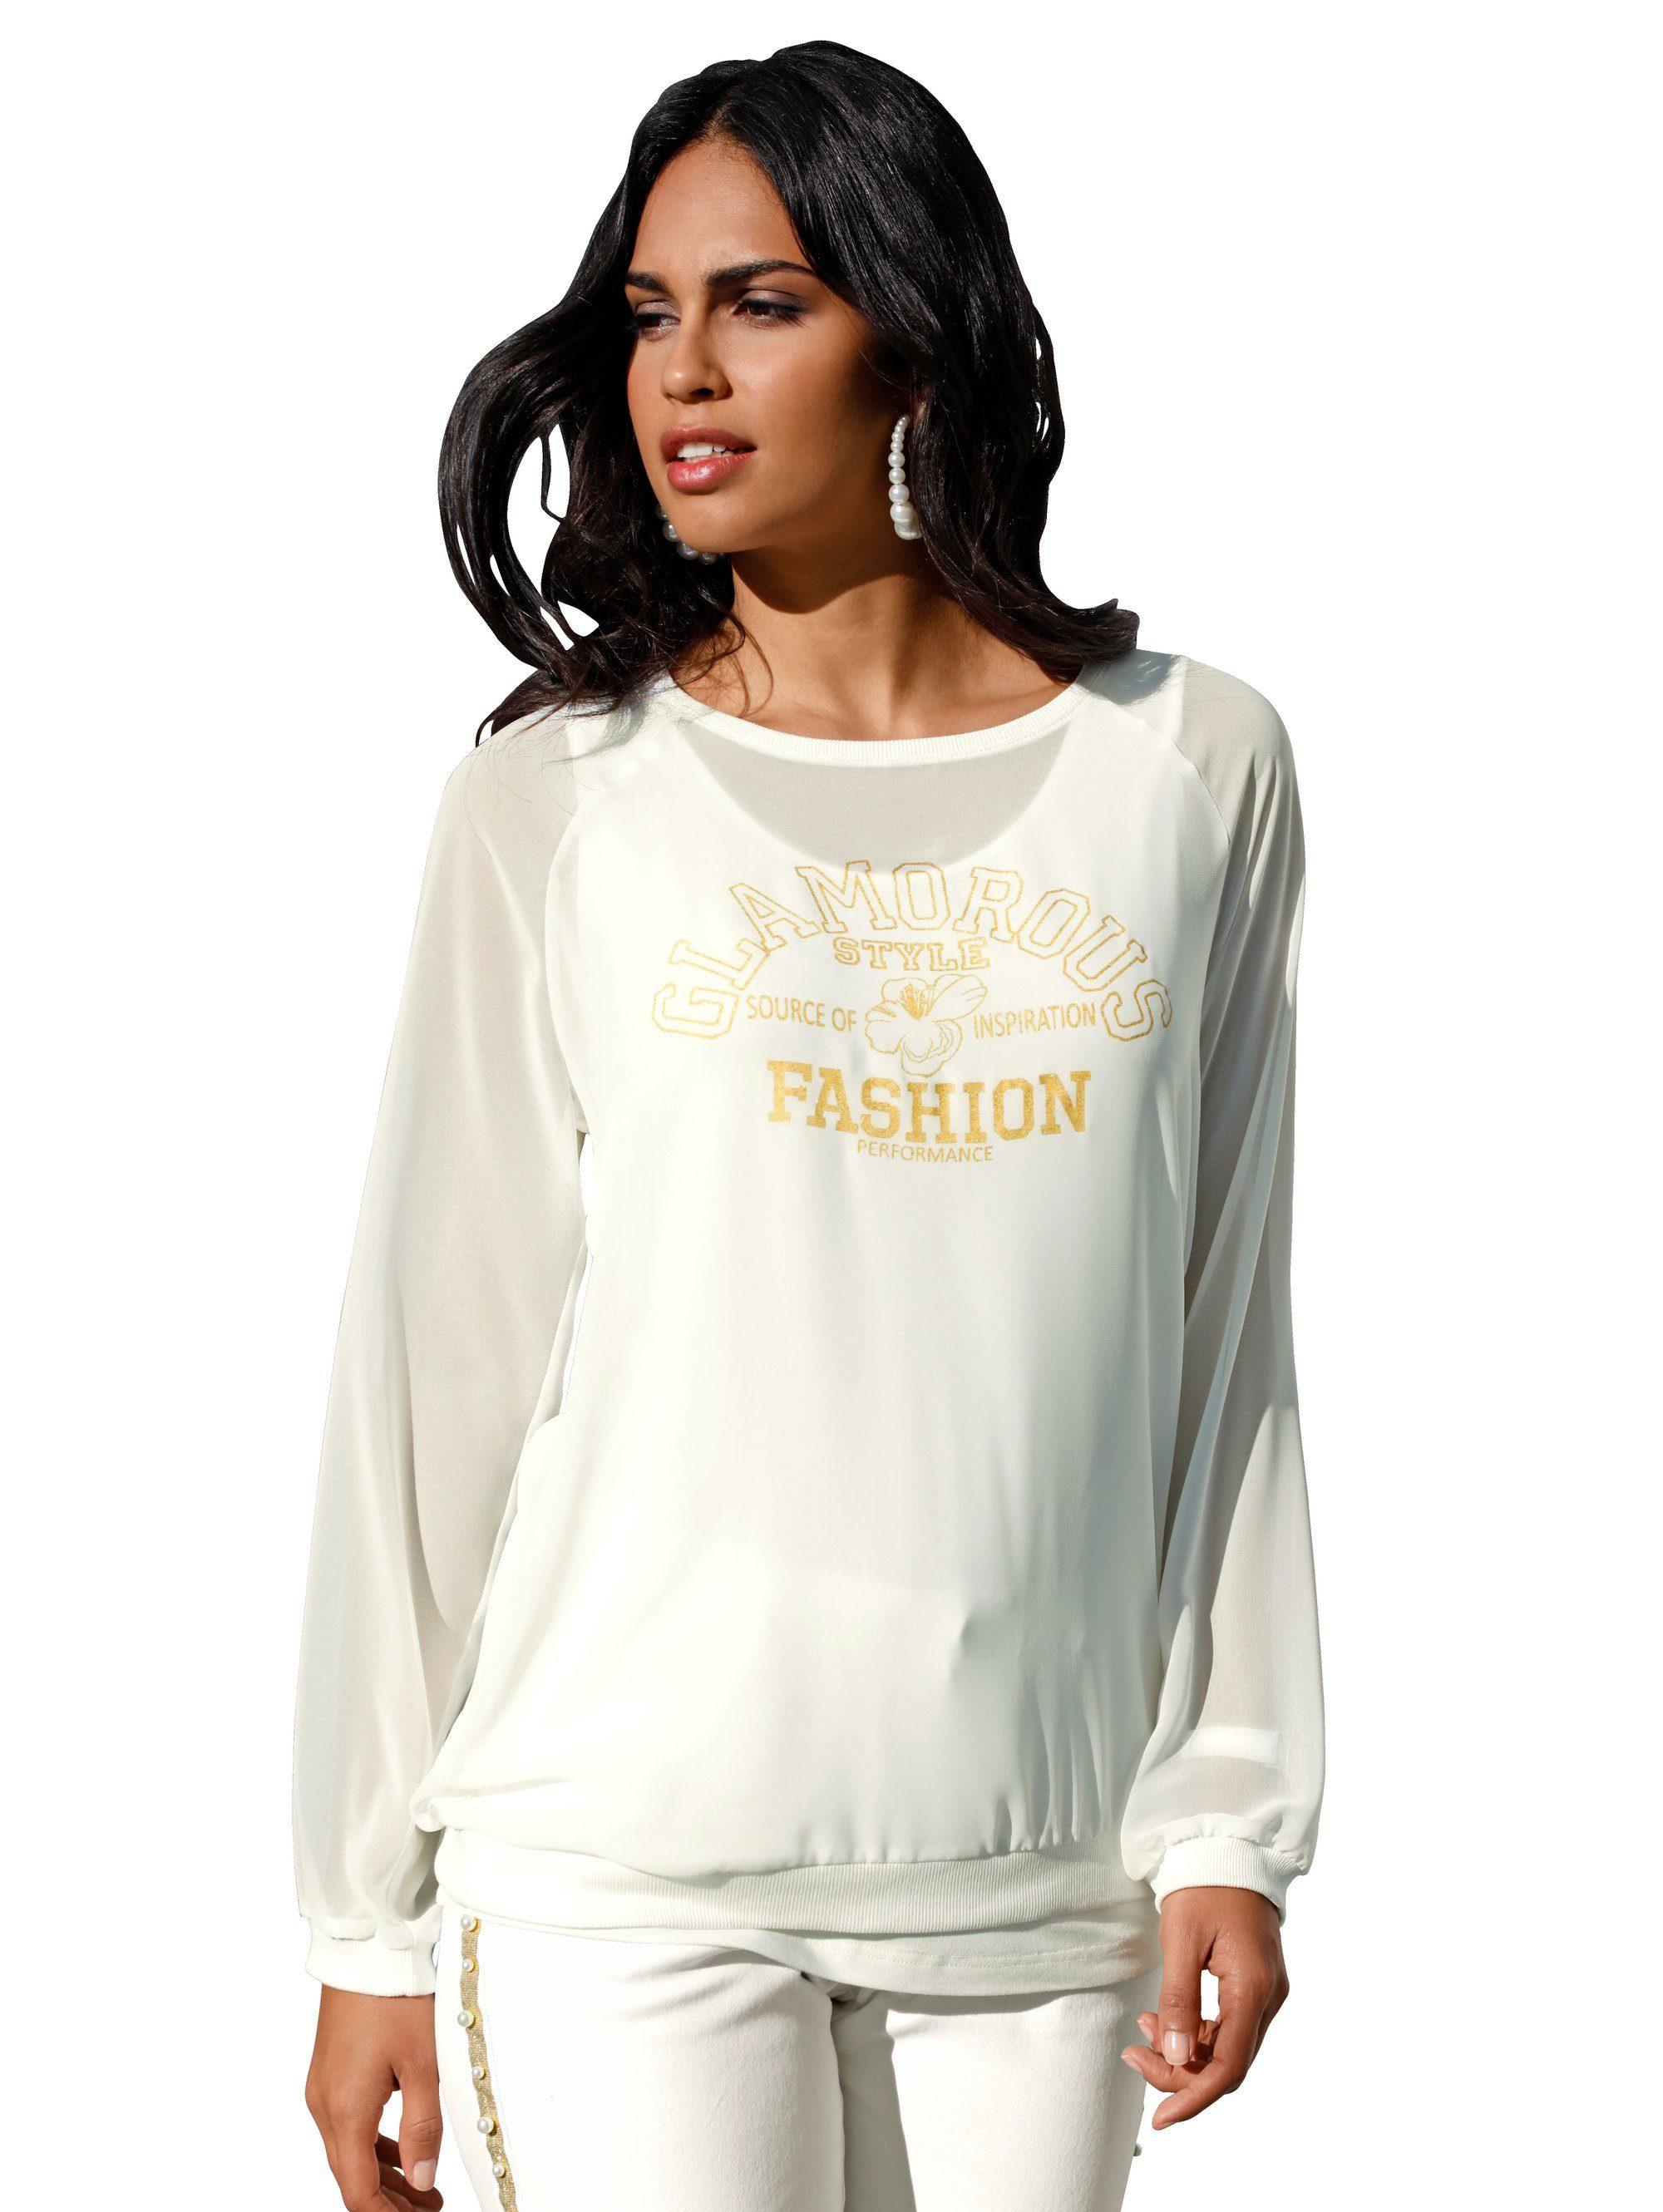 Schönes Feinstrick Shirt Tunika STERNE Strass A-Form 44 46 48